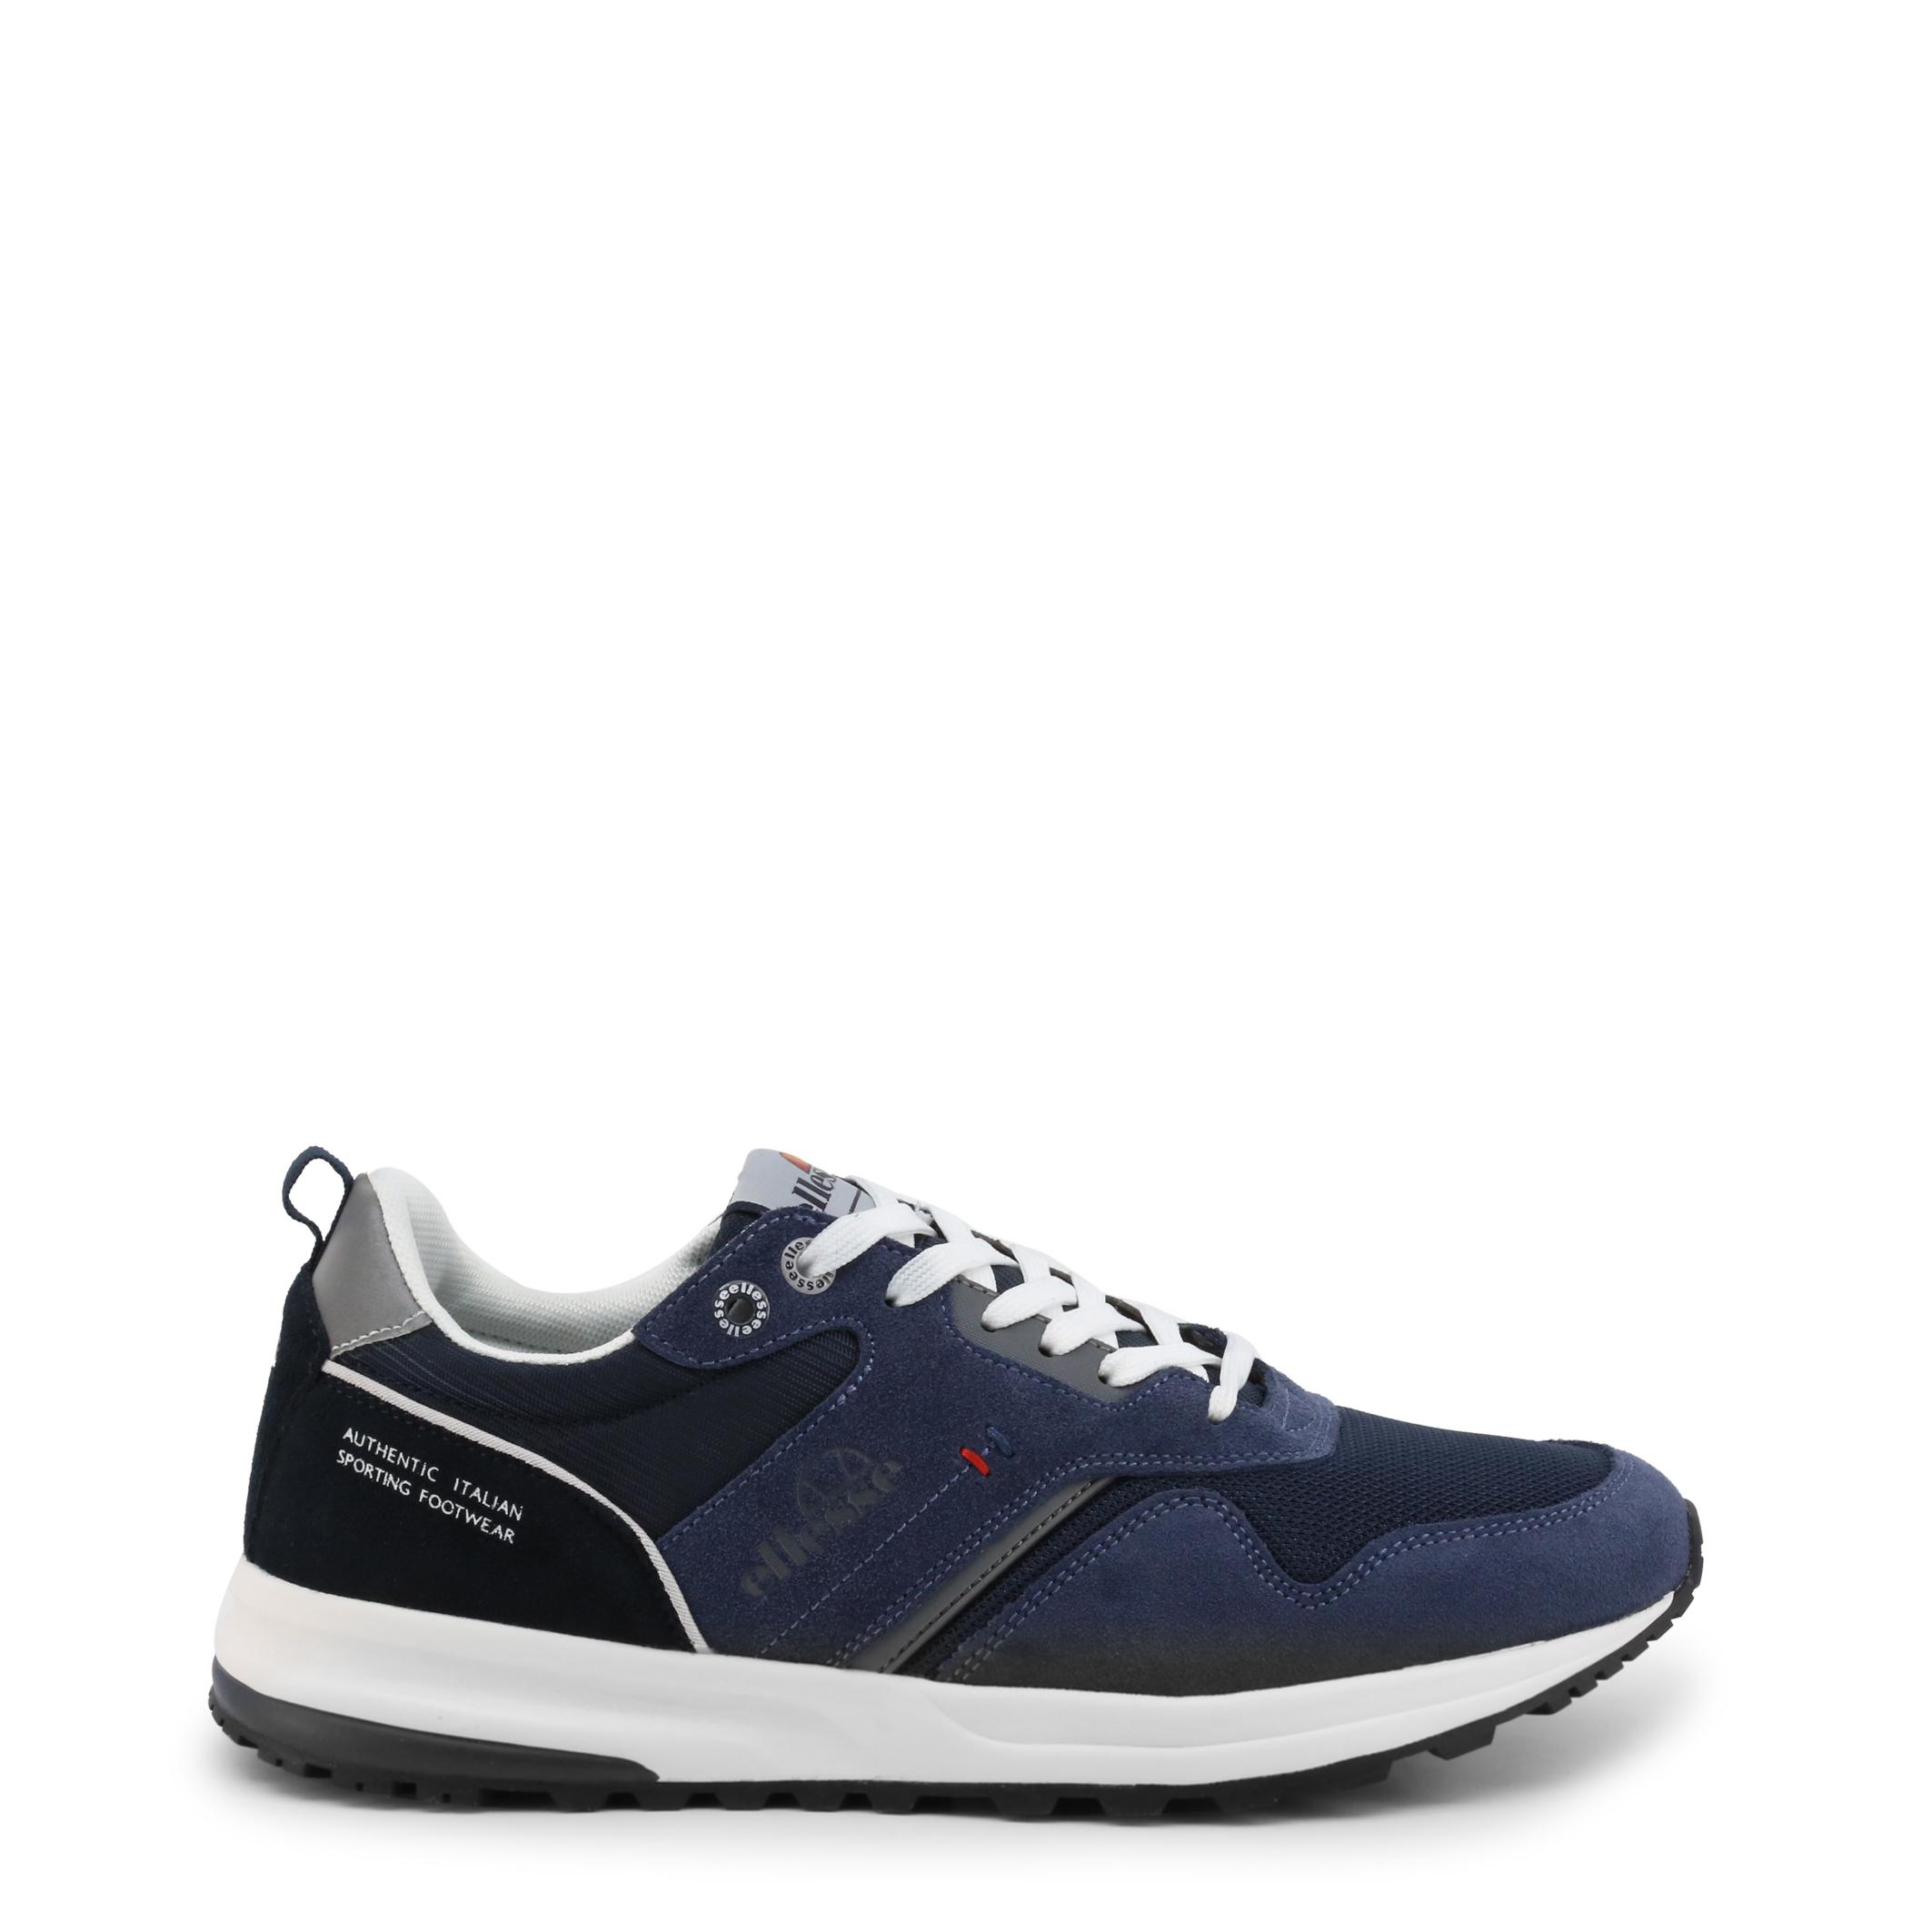 Ellesse - EL11M60408 - Blue